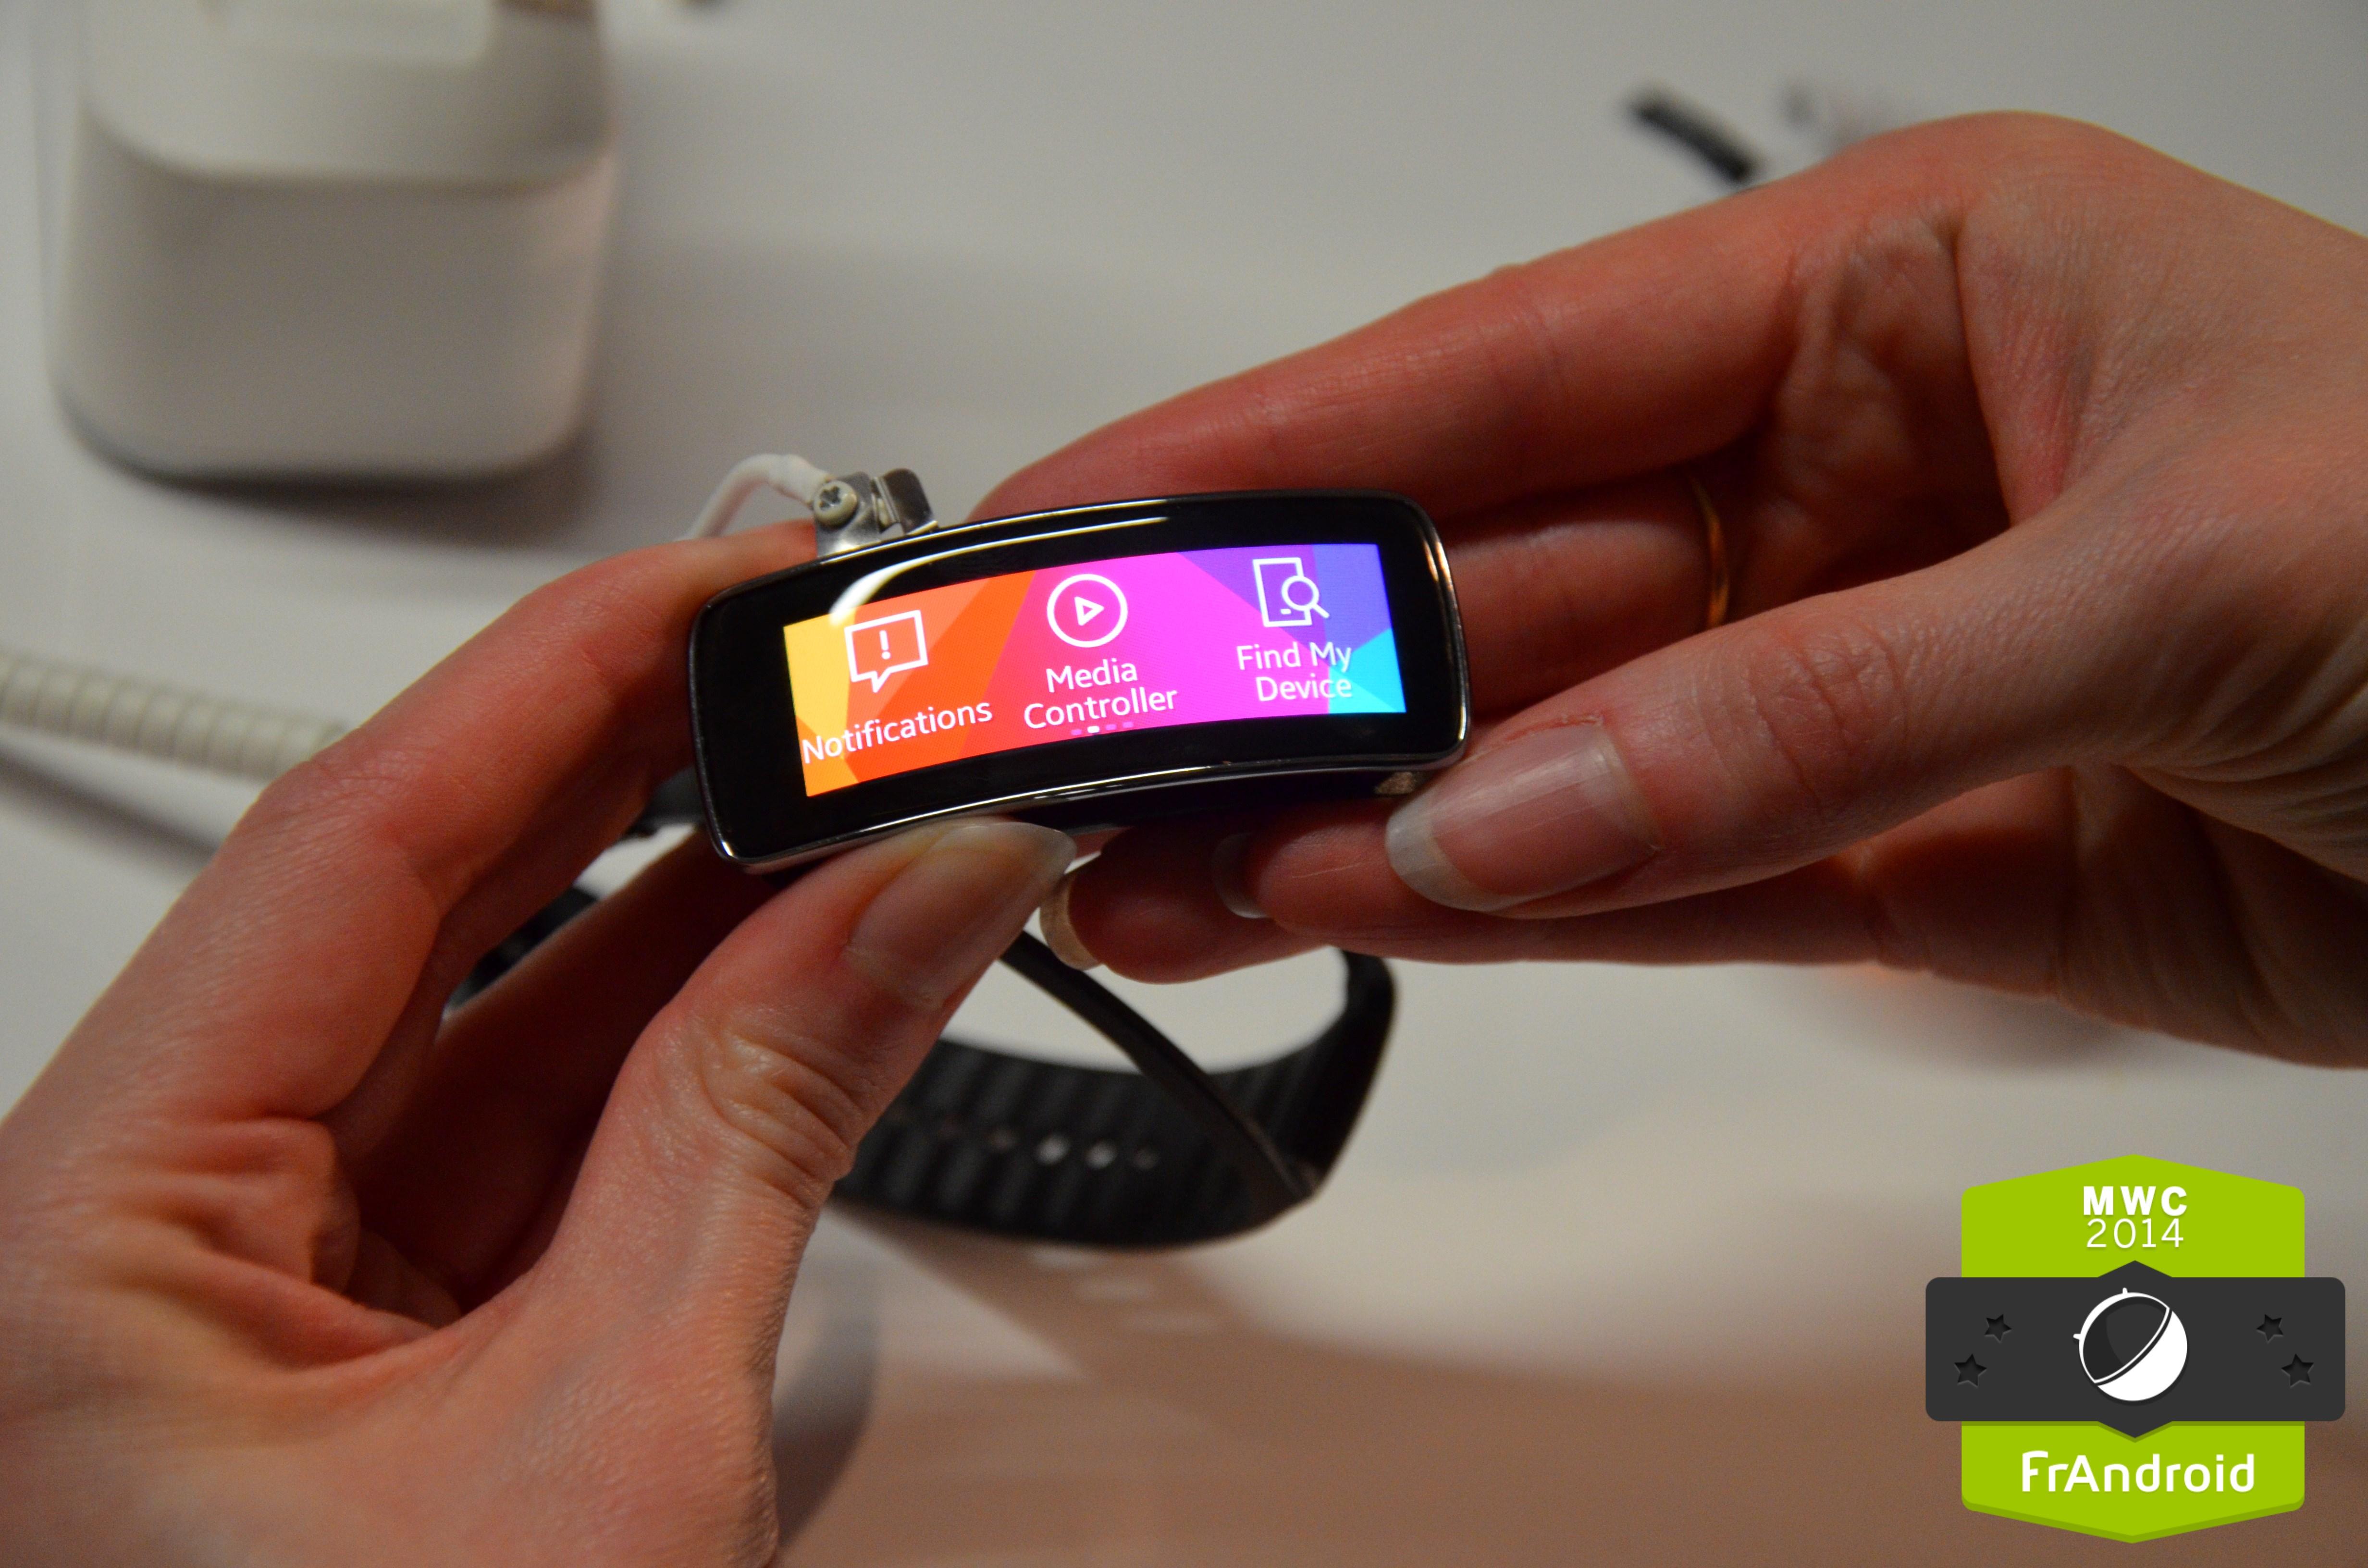 Prise en main de la Samsung Gear Fit, croisement entre une montre intelligente et un suivi d'activité